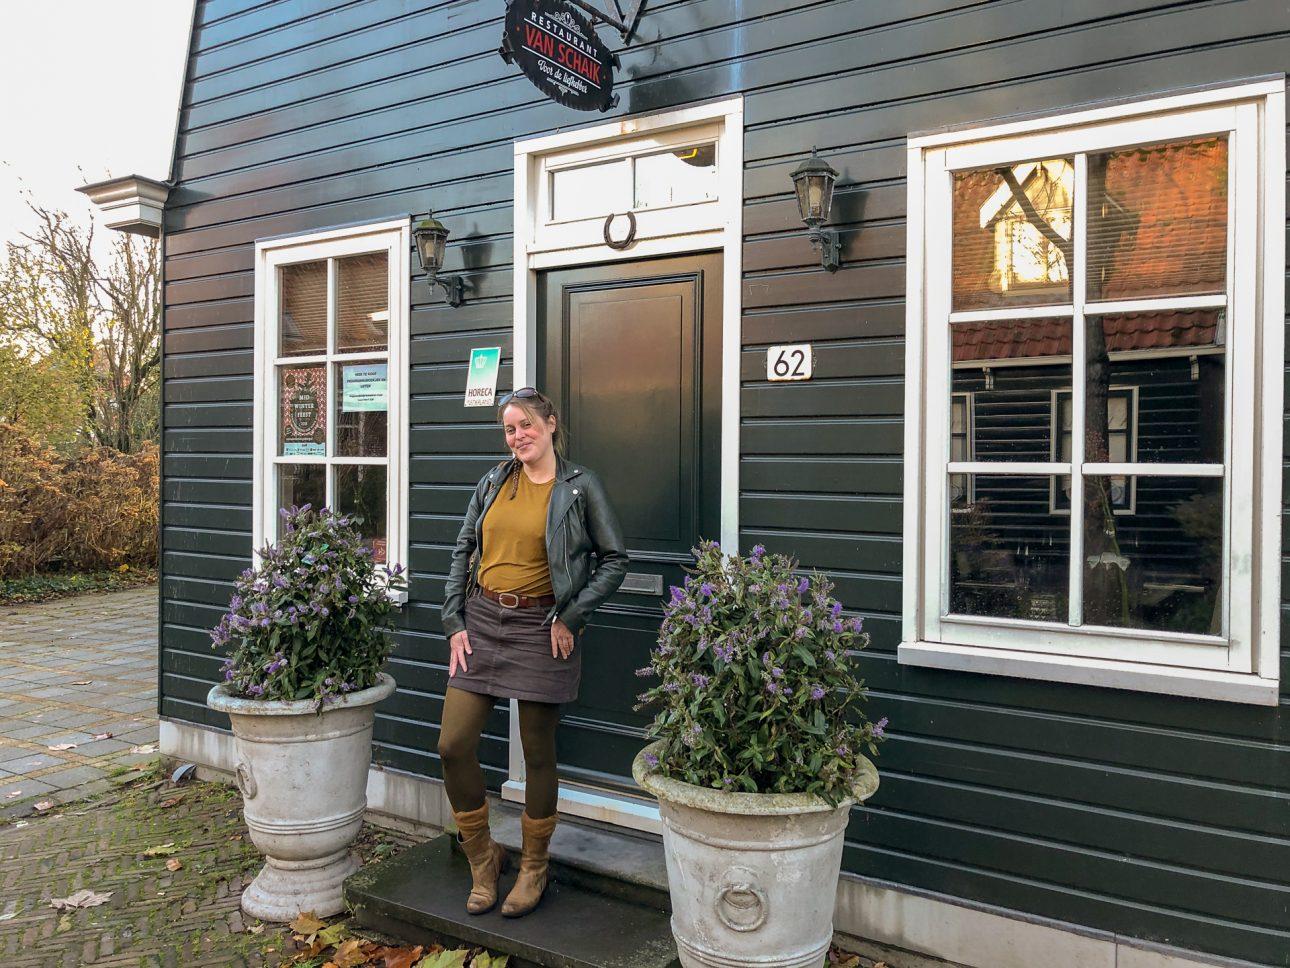 marloes Bloedjes exposeert haar schilderijen bij restaurant Vna Schaik in Markenbinnen